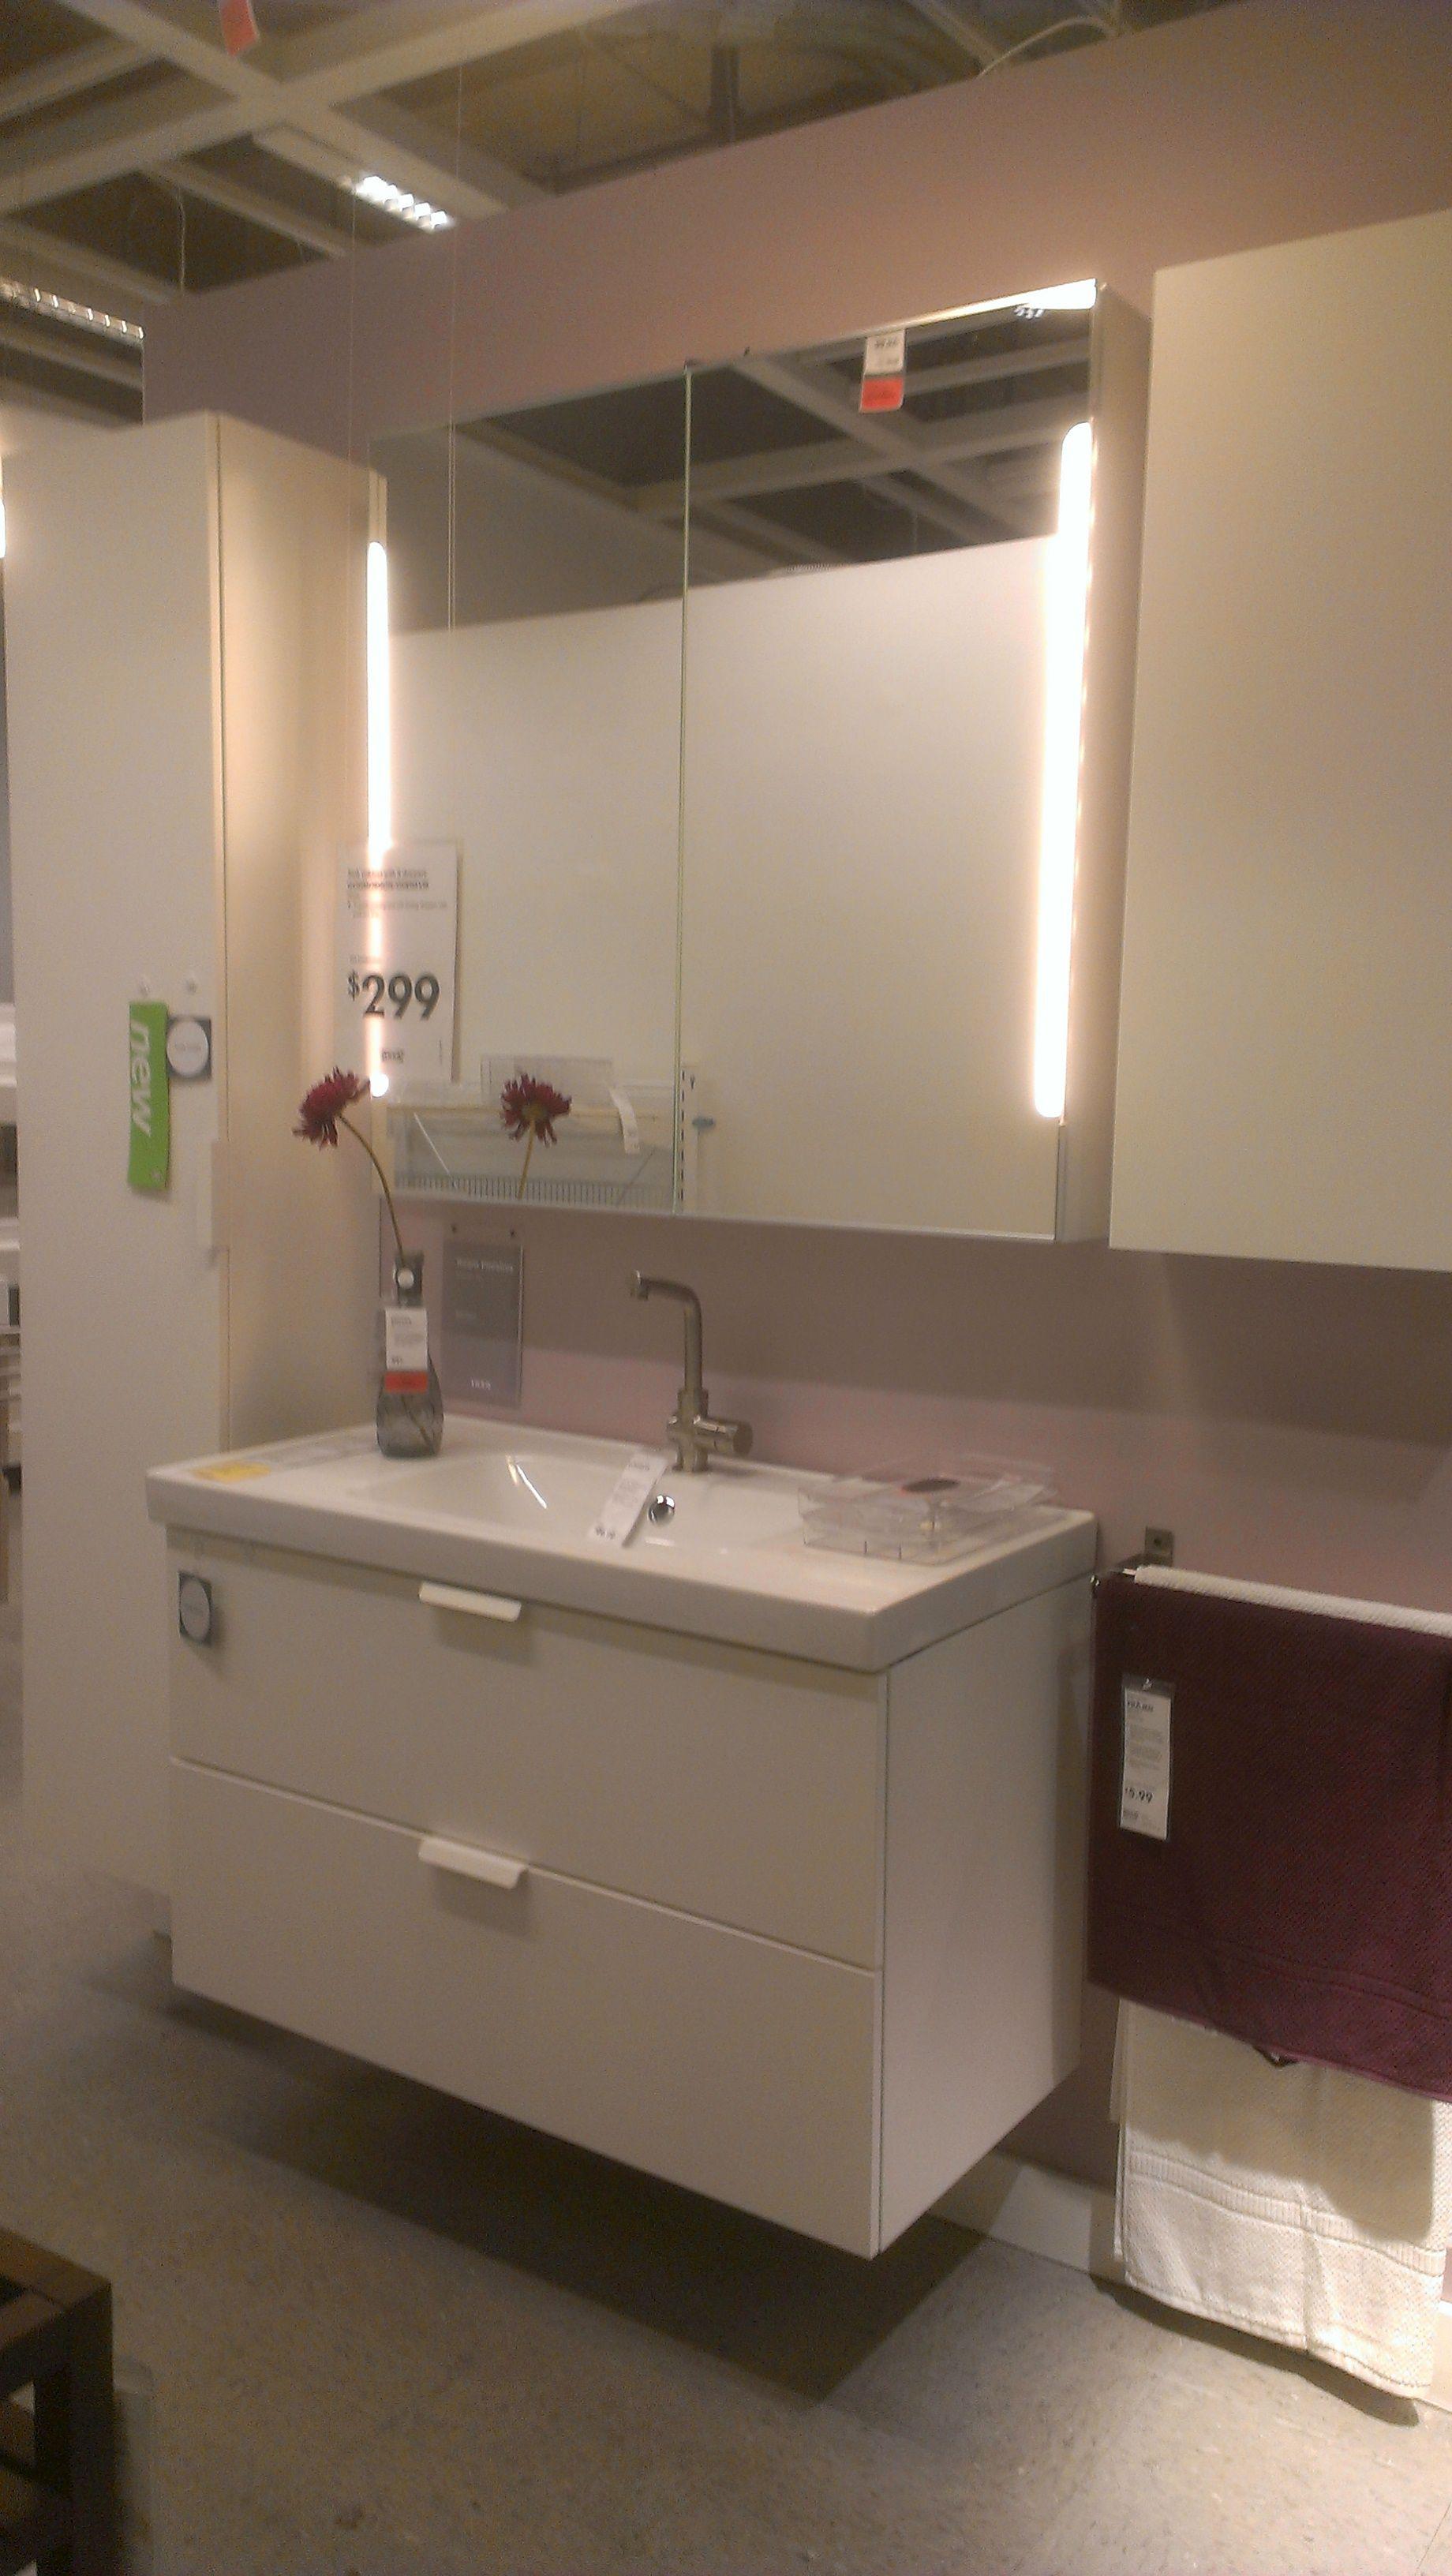 Ikea Godmorgen Odensvik Vanity And Sink 39 W 299 Storjorm Mirror  # Muebles Godmorgon Ikea